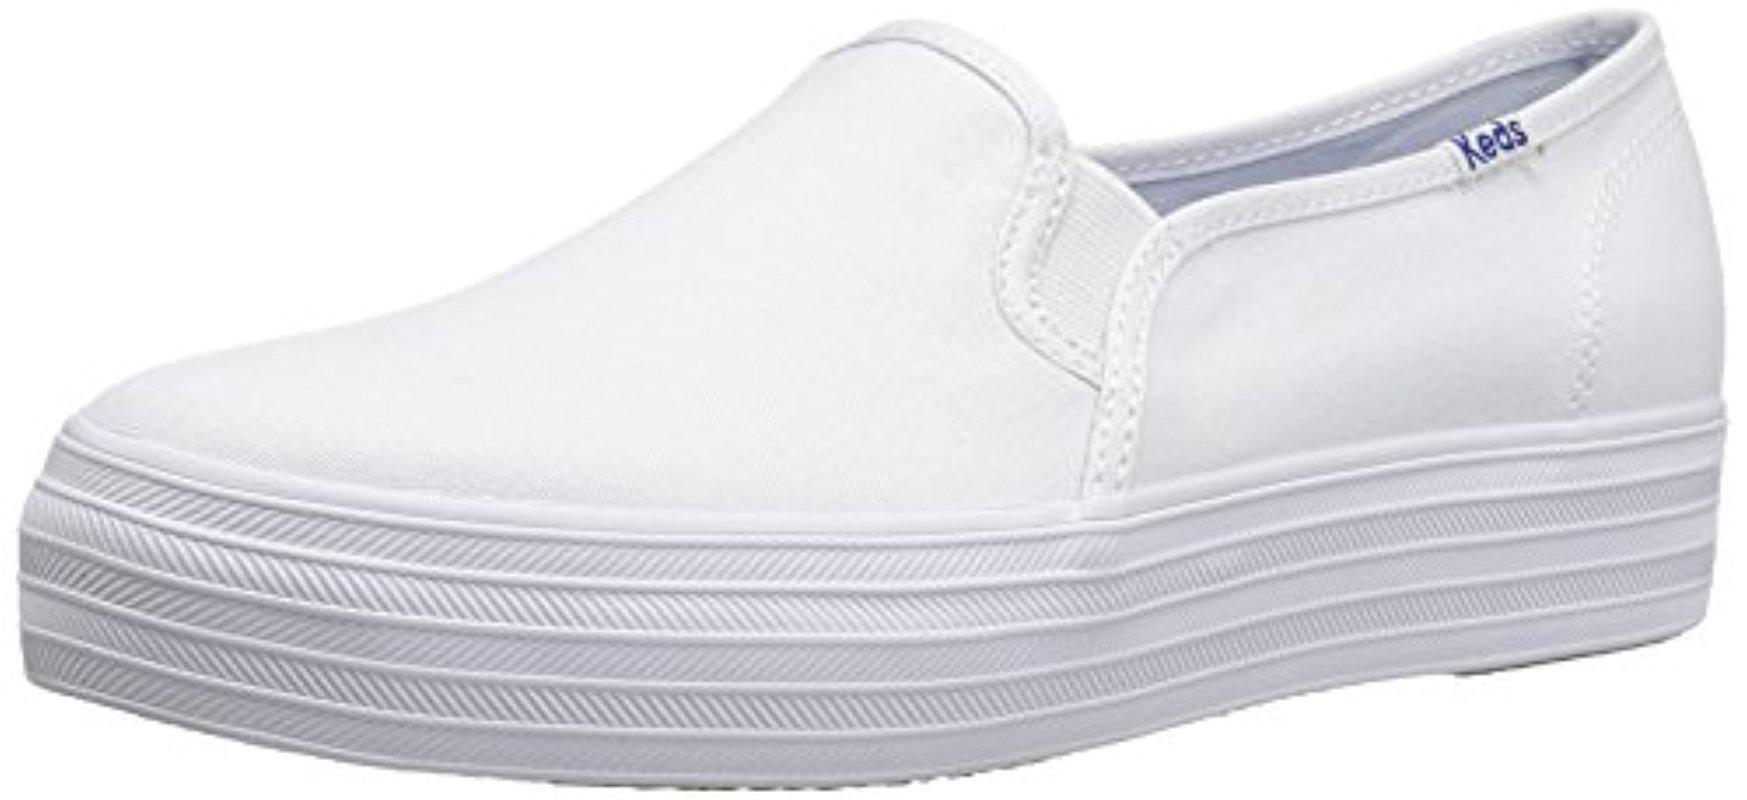 f443e0e34 Lyst - Keds Triple Decker Seasonal Solid Fashion Sneaker in White ...